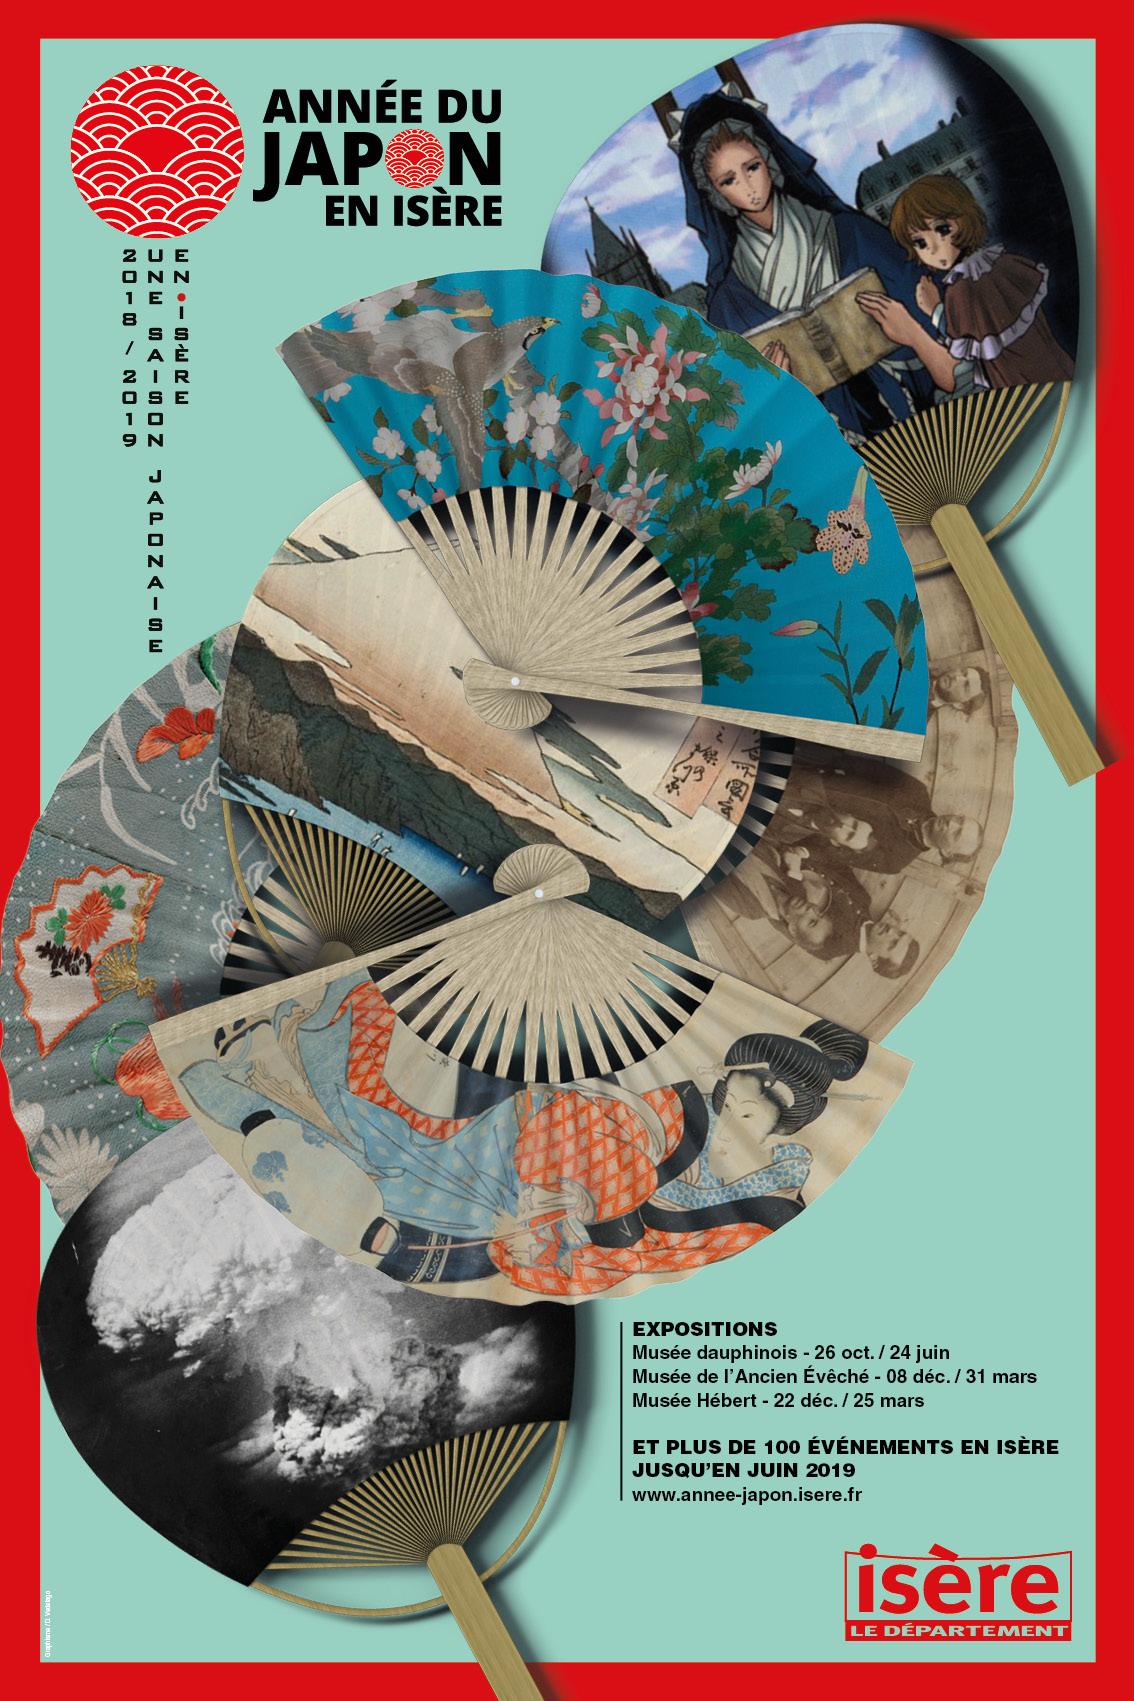 Affiche Année du Japon en Isère - automne 2018